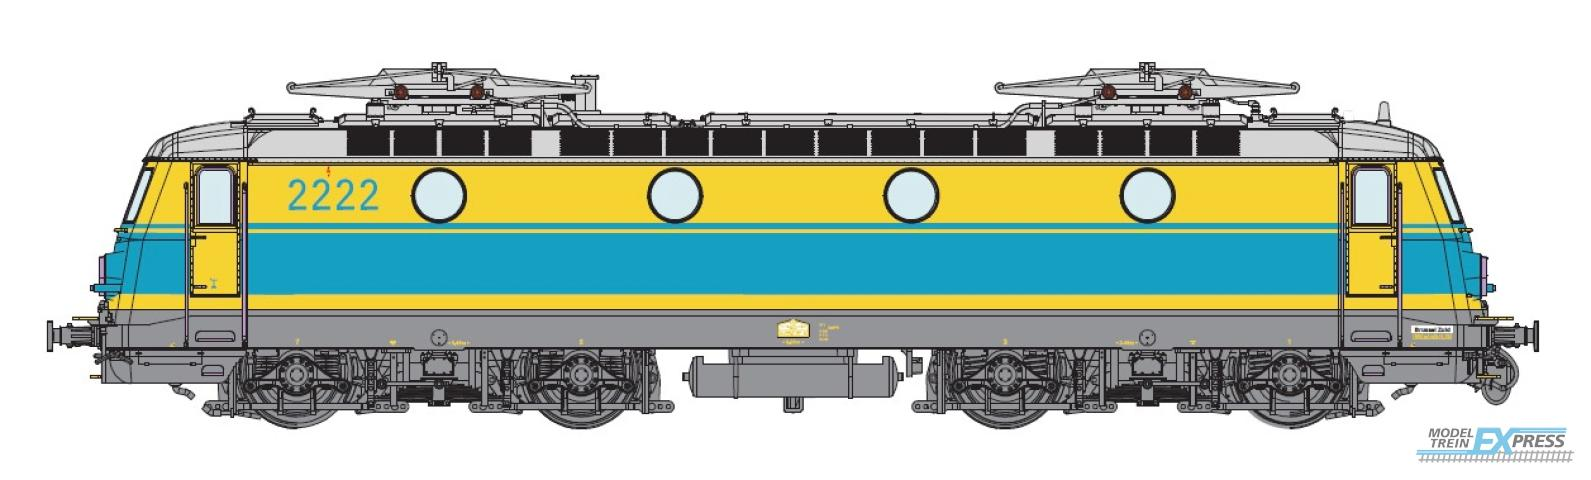 B-Models 3302.05